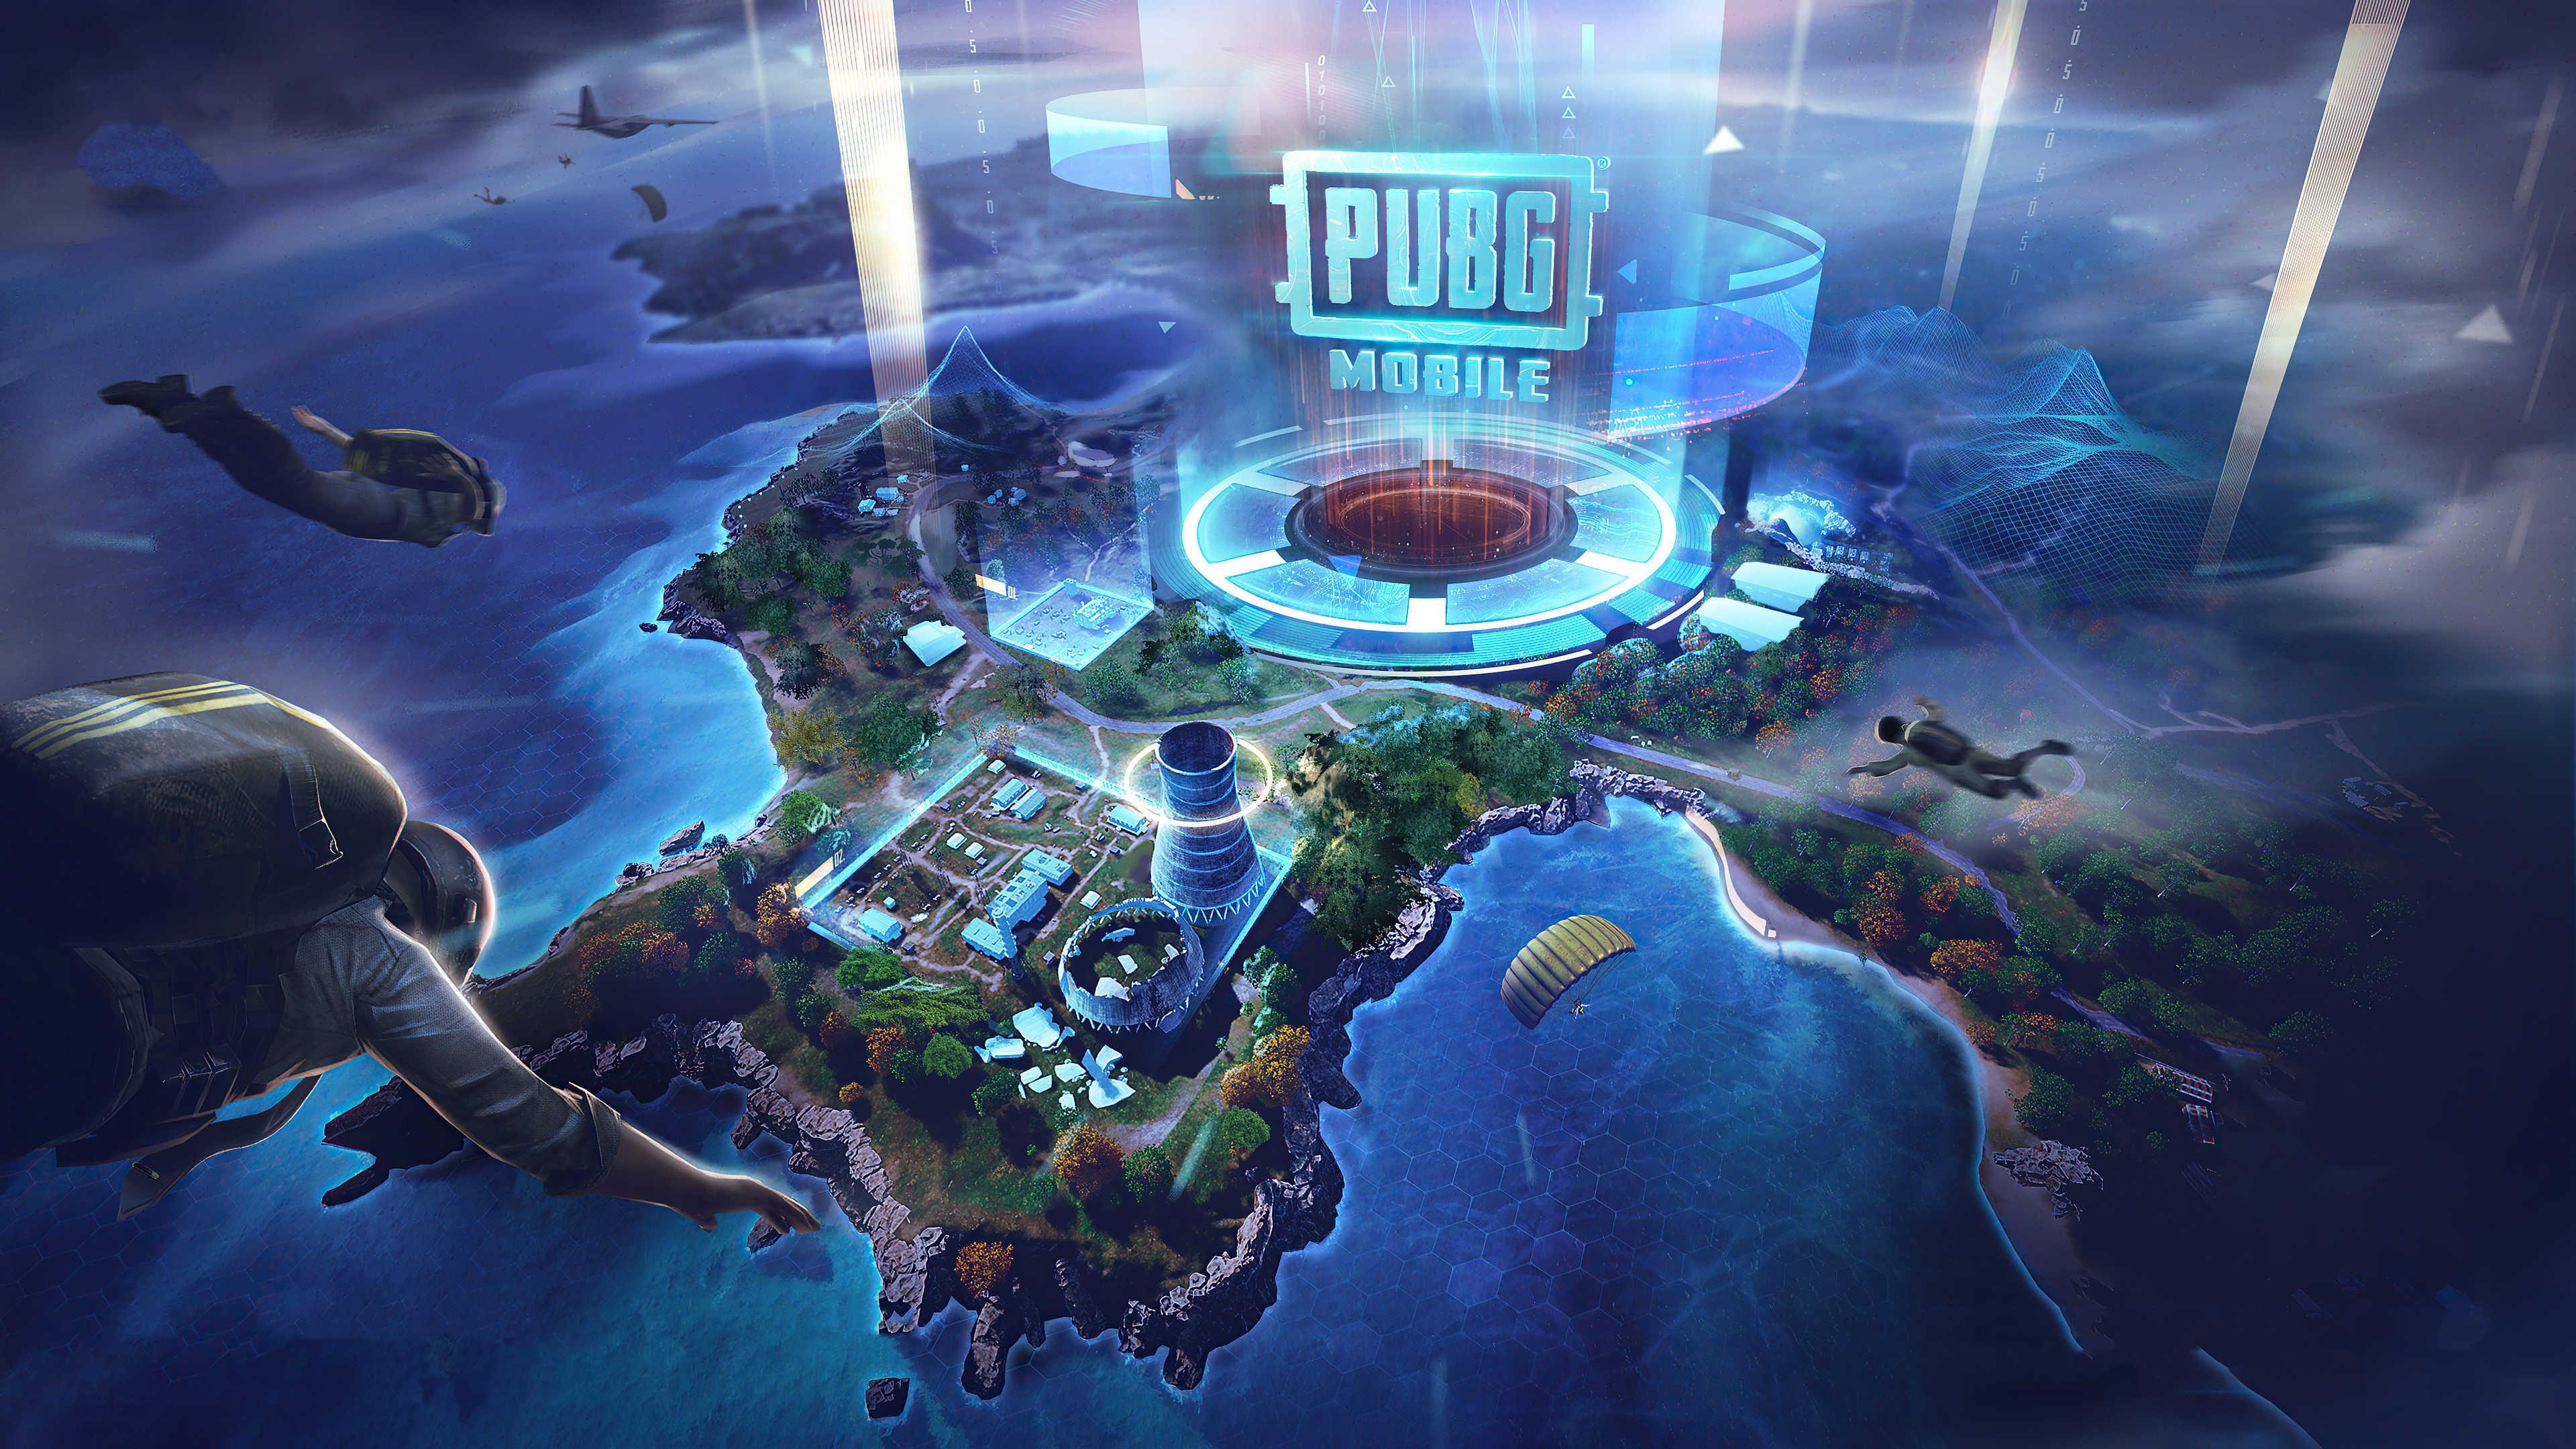 Playerunknown Battlegrounds Live Wallpaper Pubg Hd